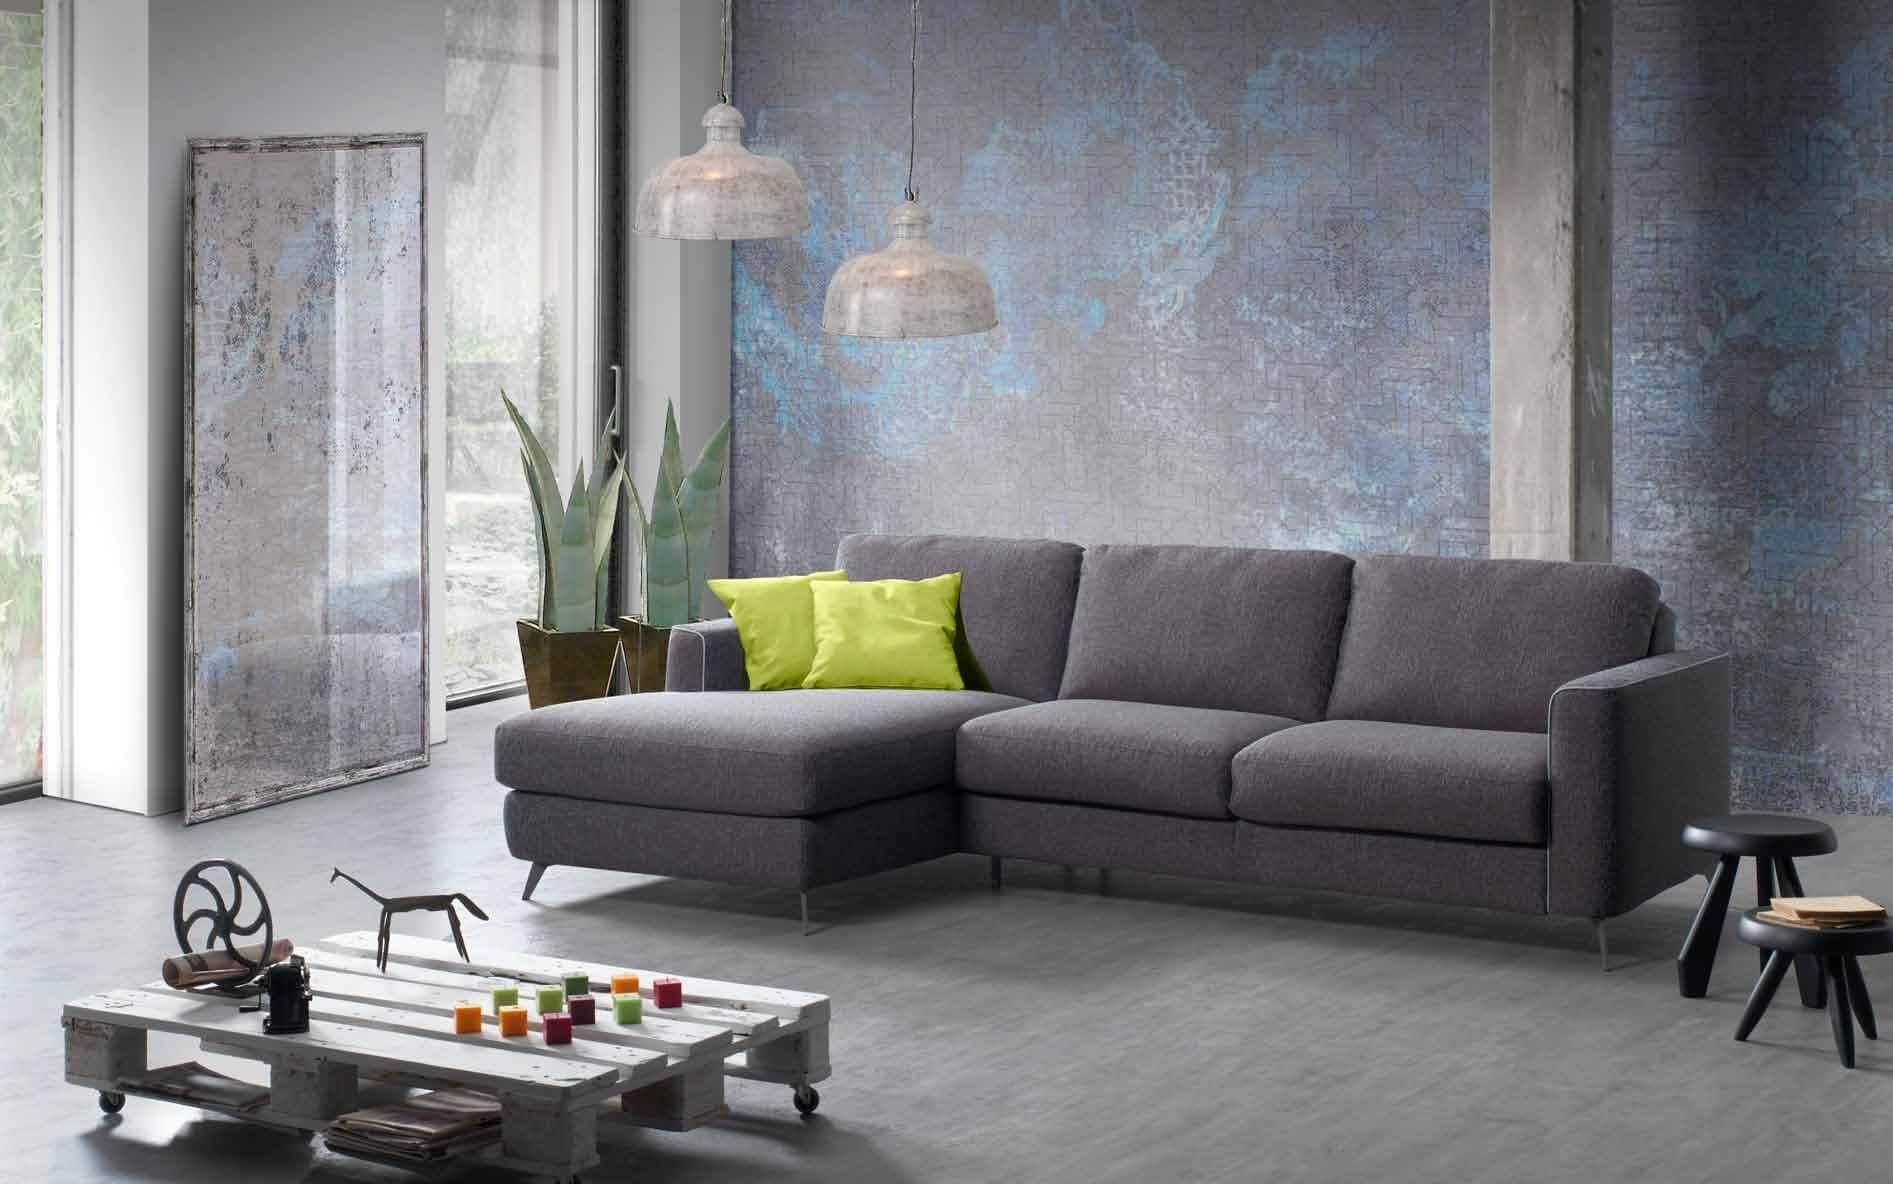 Divano letto o fisso modello ecly arredamento zona giorno divani e poltrone divani letto - Trasformare un divano fisso in divano letto ...